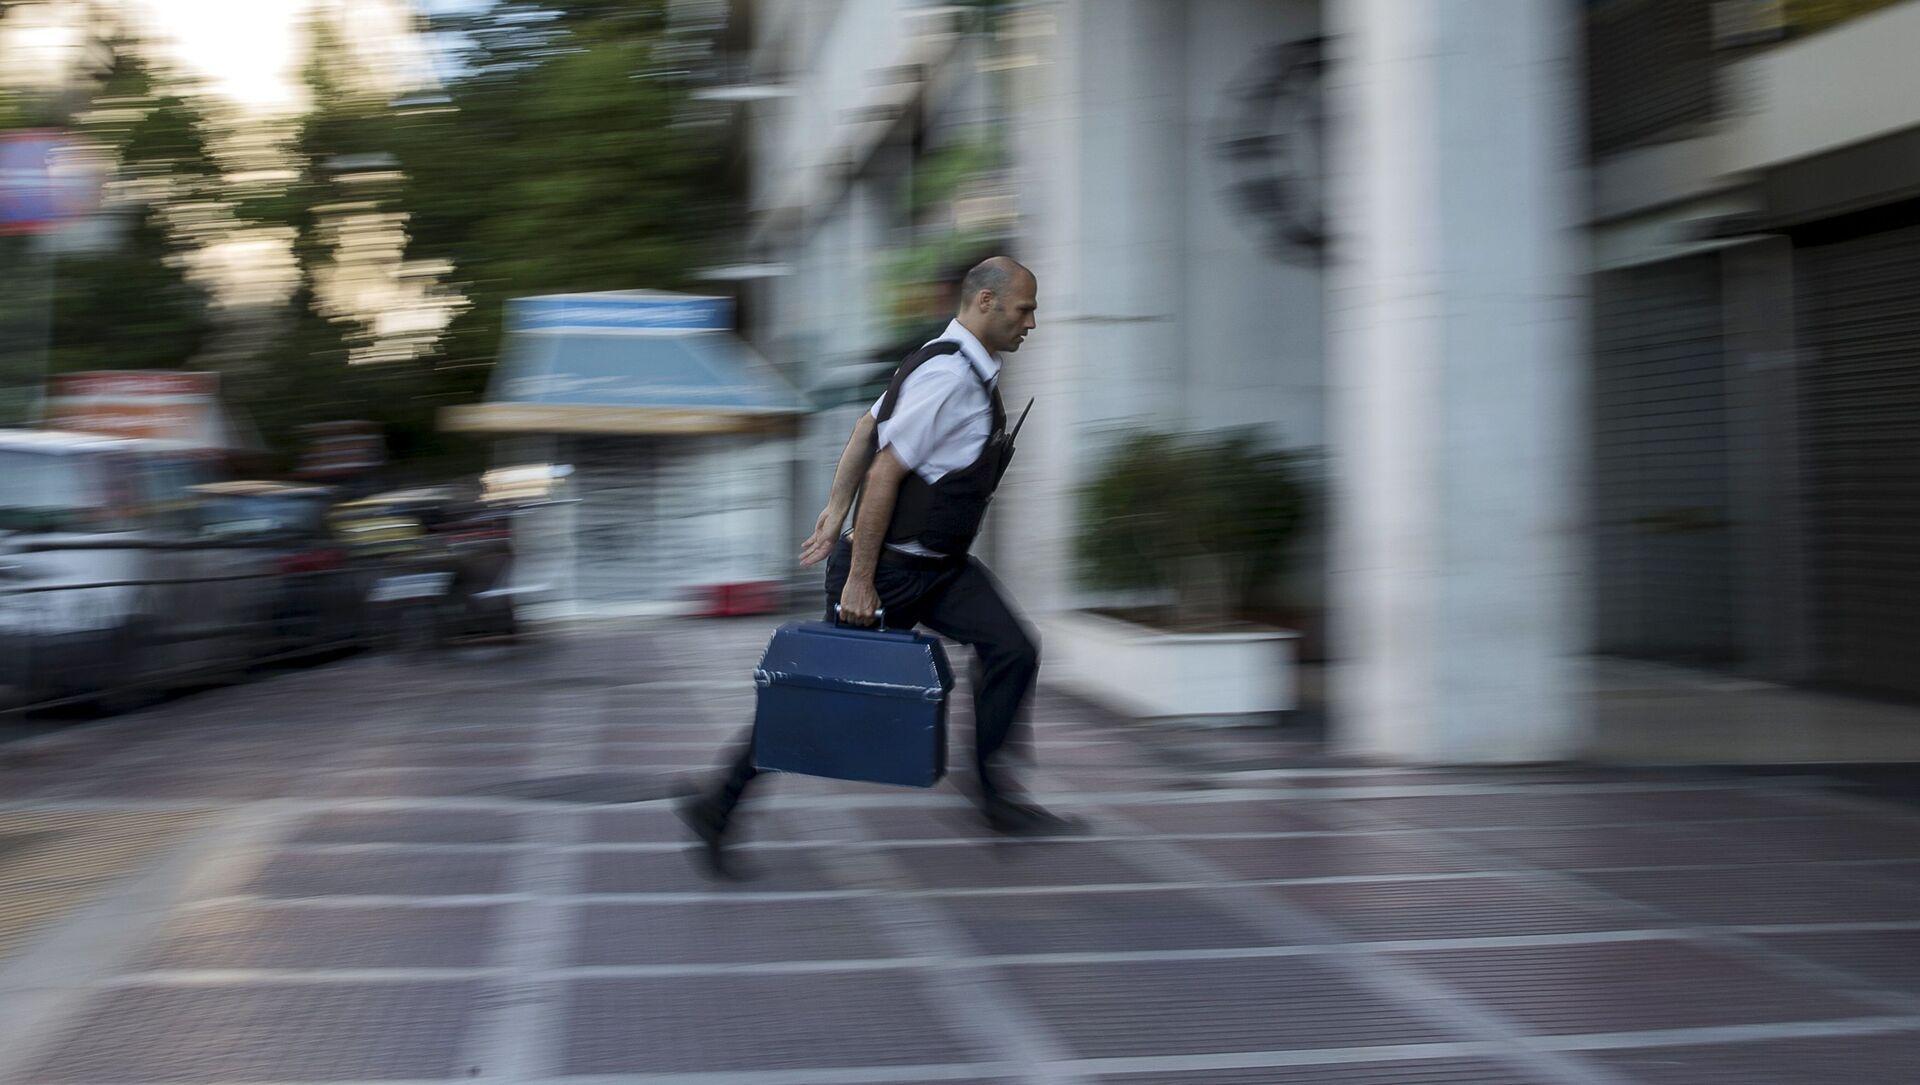 Сотрудник банка бежит в офис в Афинах  - Sputnik Italia, 1920, 09.02.2021